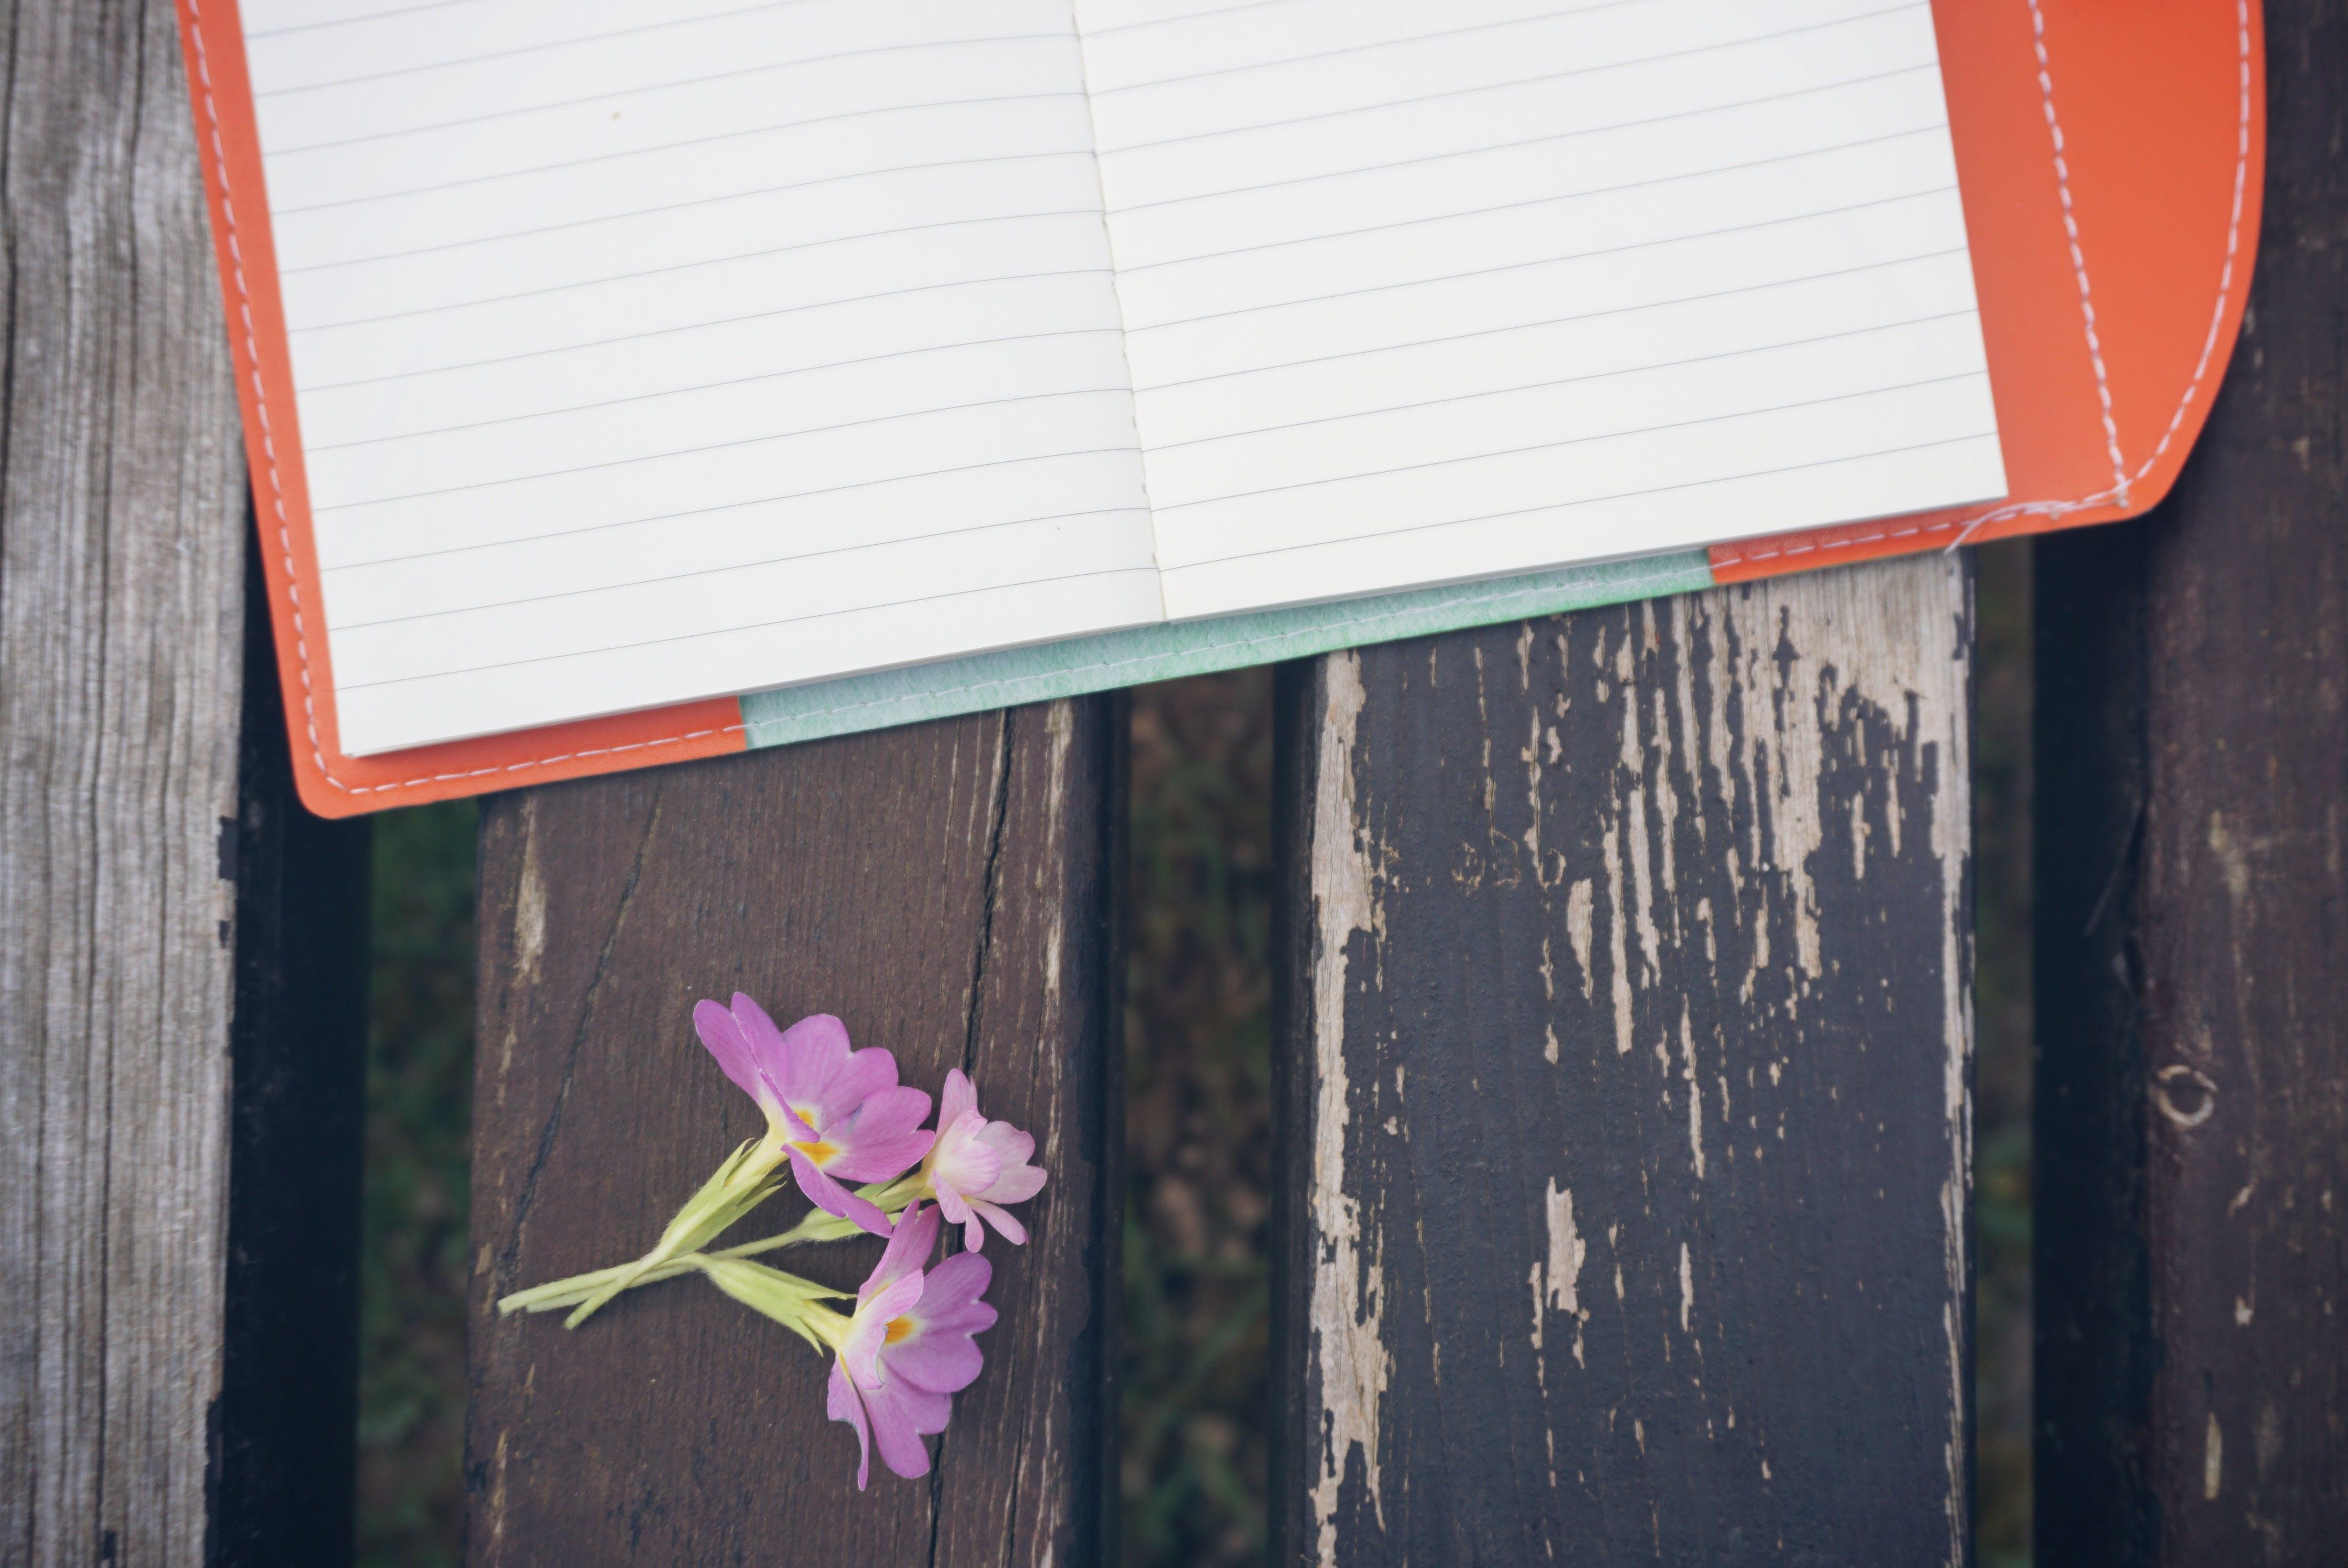 ノート, フラワーズ, フローラ, ベンチの無料の写真素材